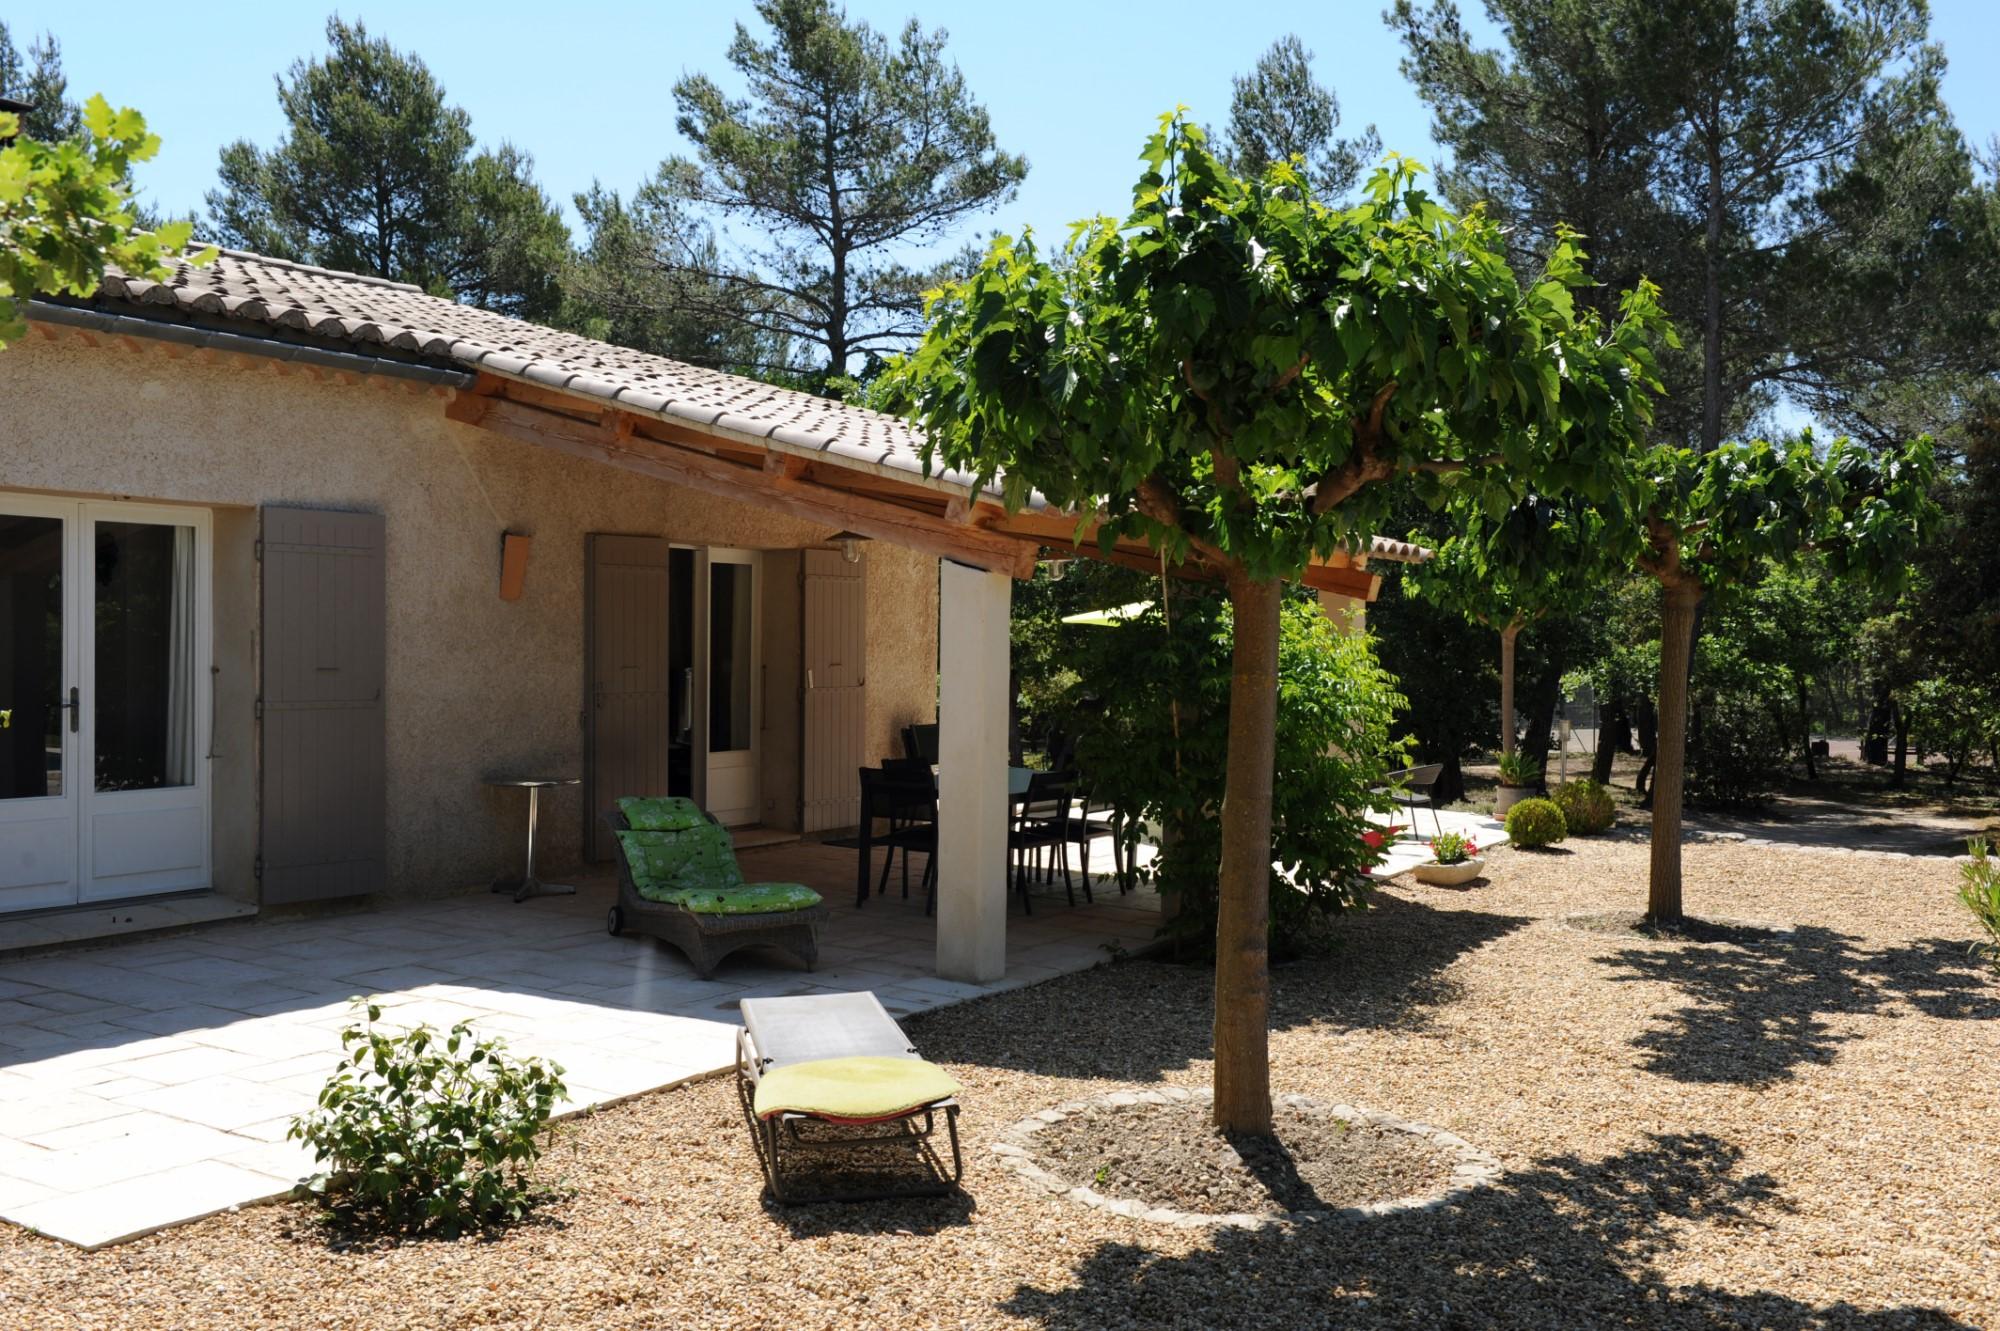 A vendre,   en Luberon, maison traditionnelle de plain-pied, sur 6 000 m² de terrain